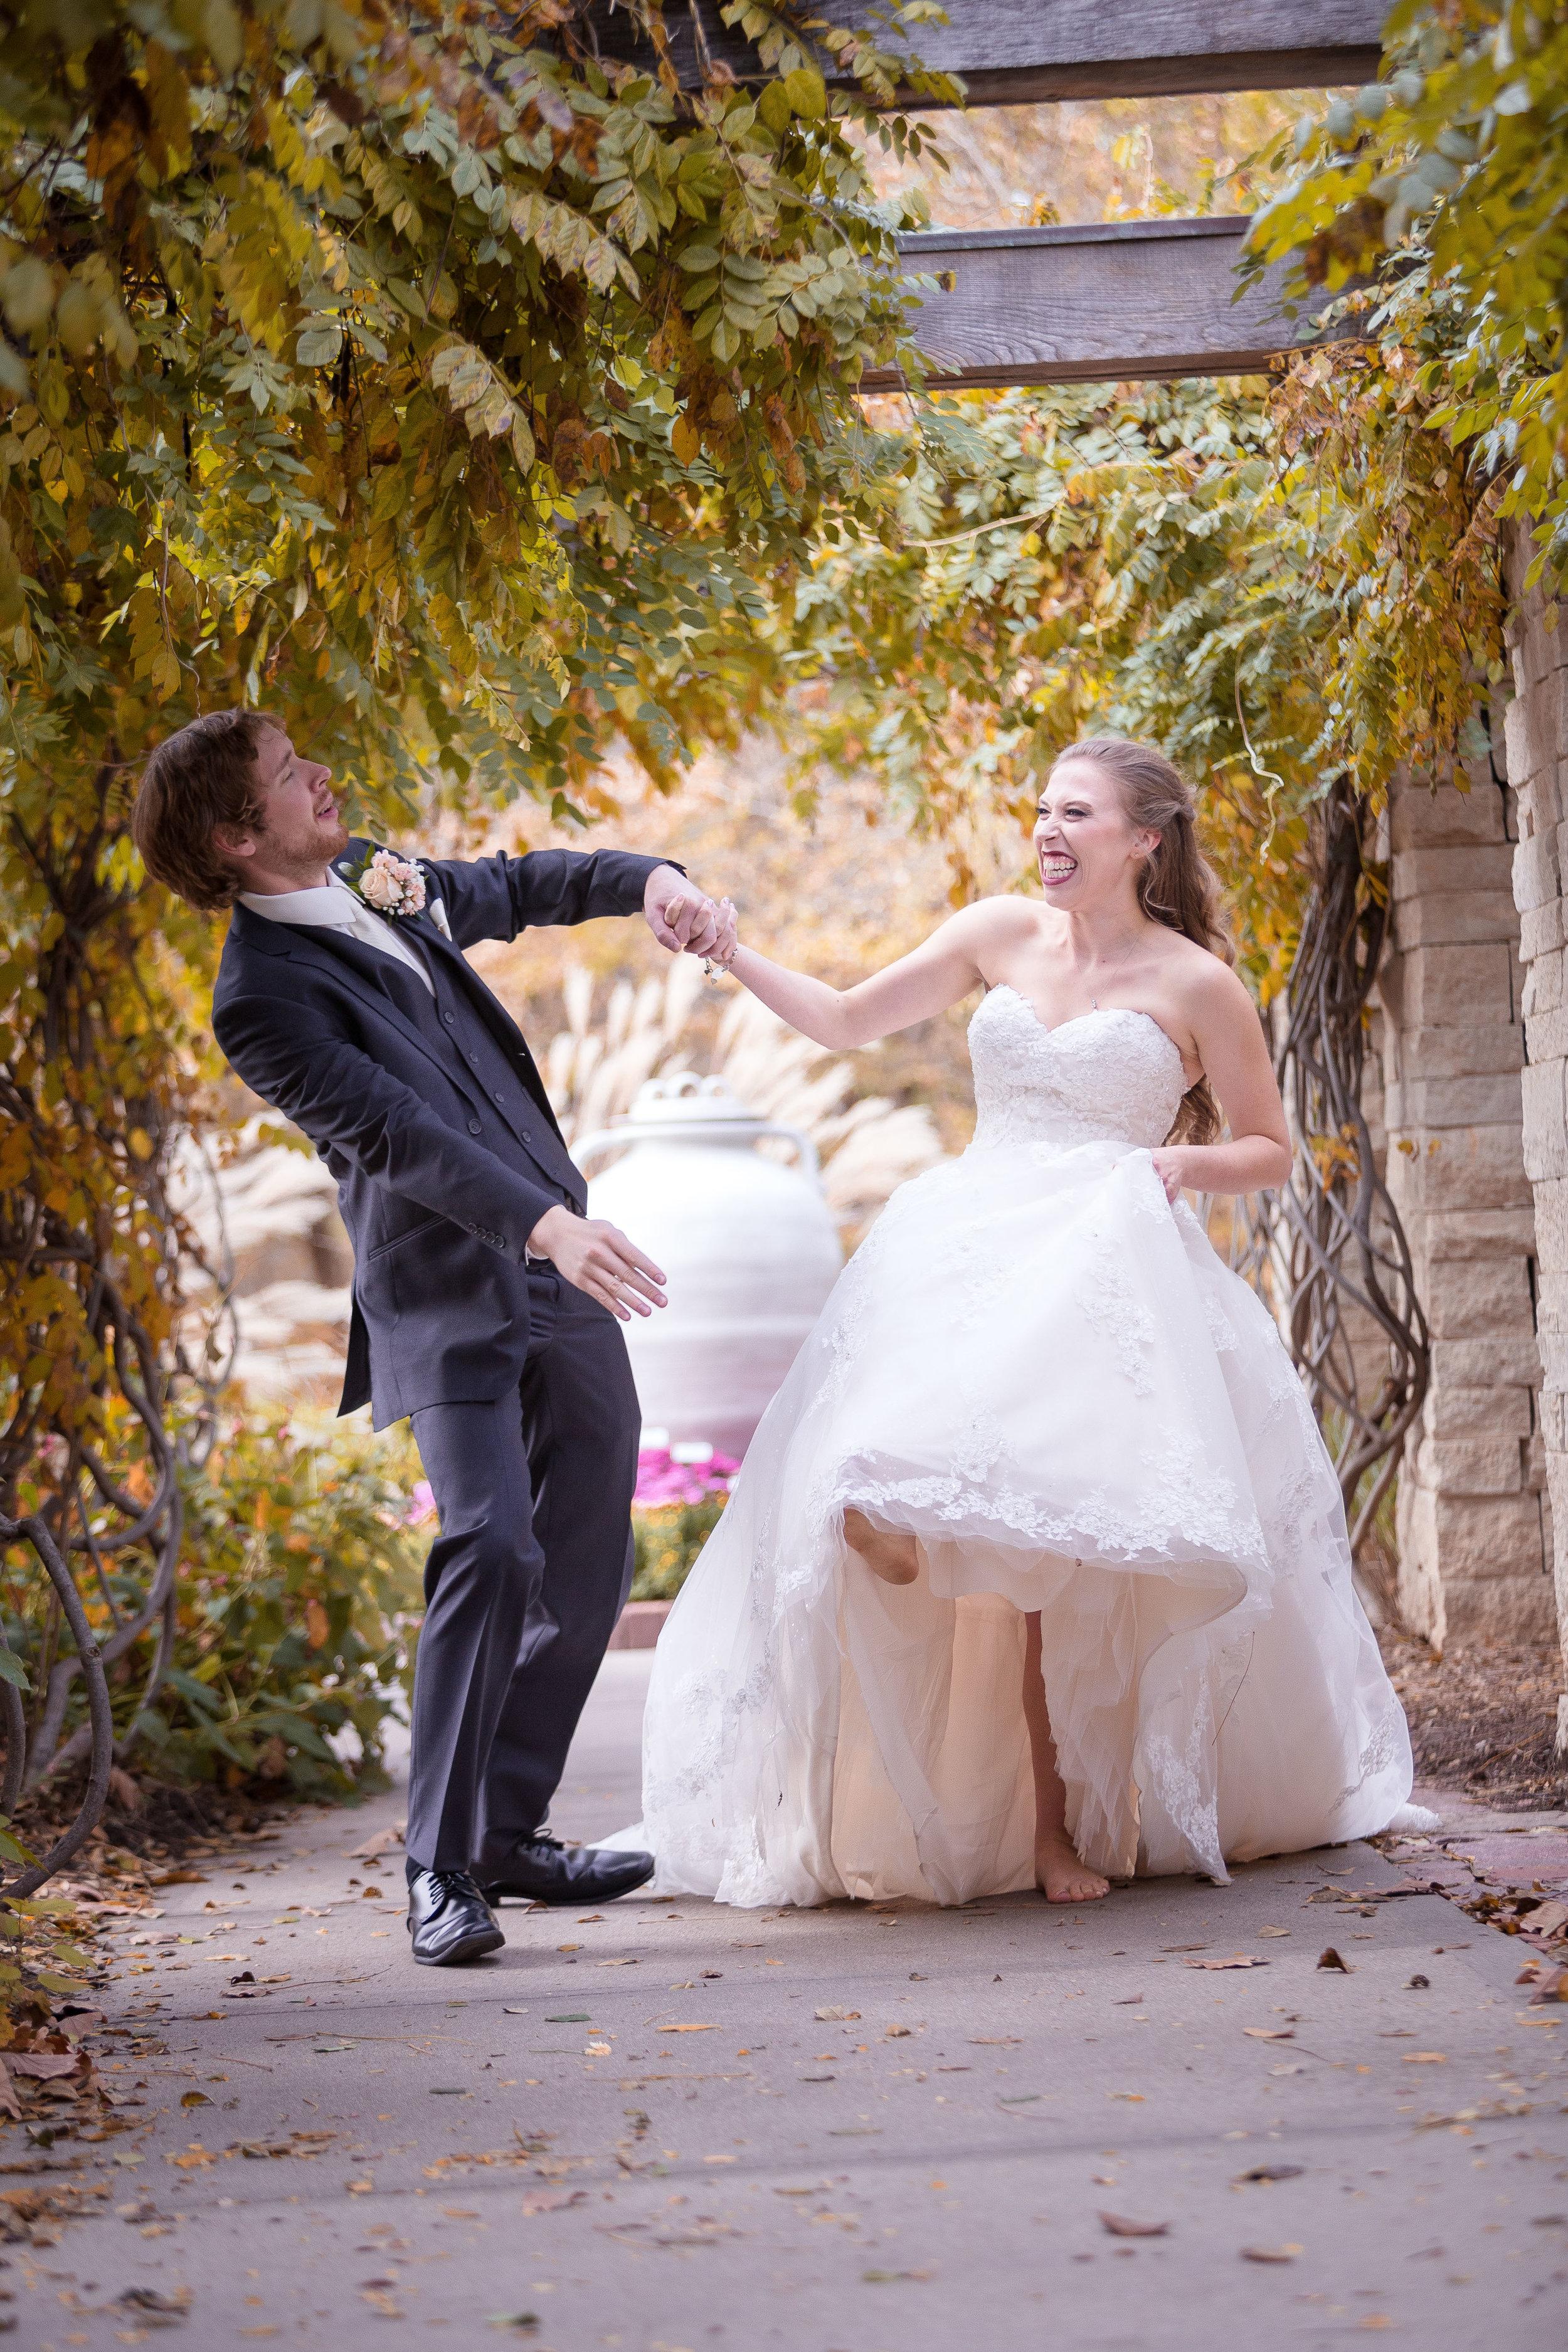 C_Wedding_Spellman, Megan & Tyler_10.27.18-831.JPG